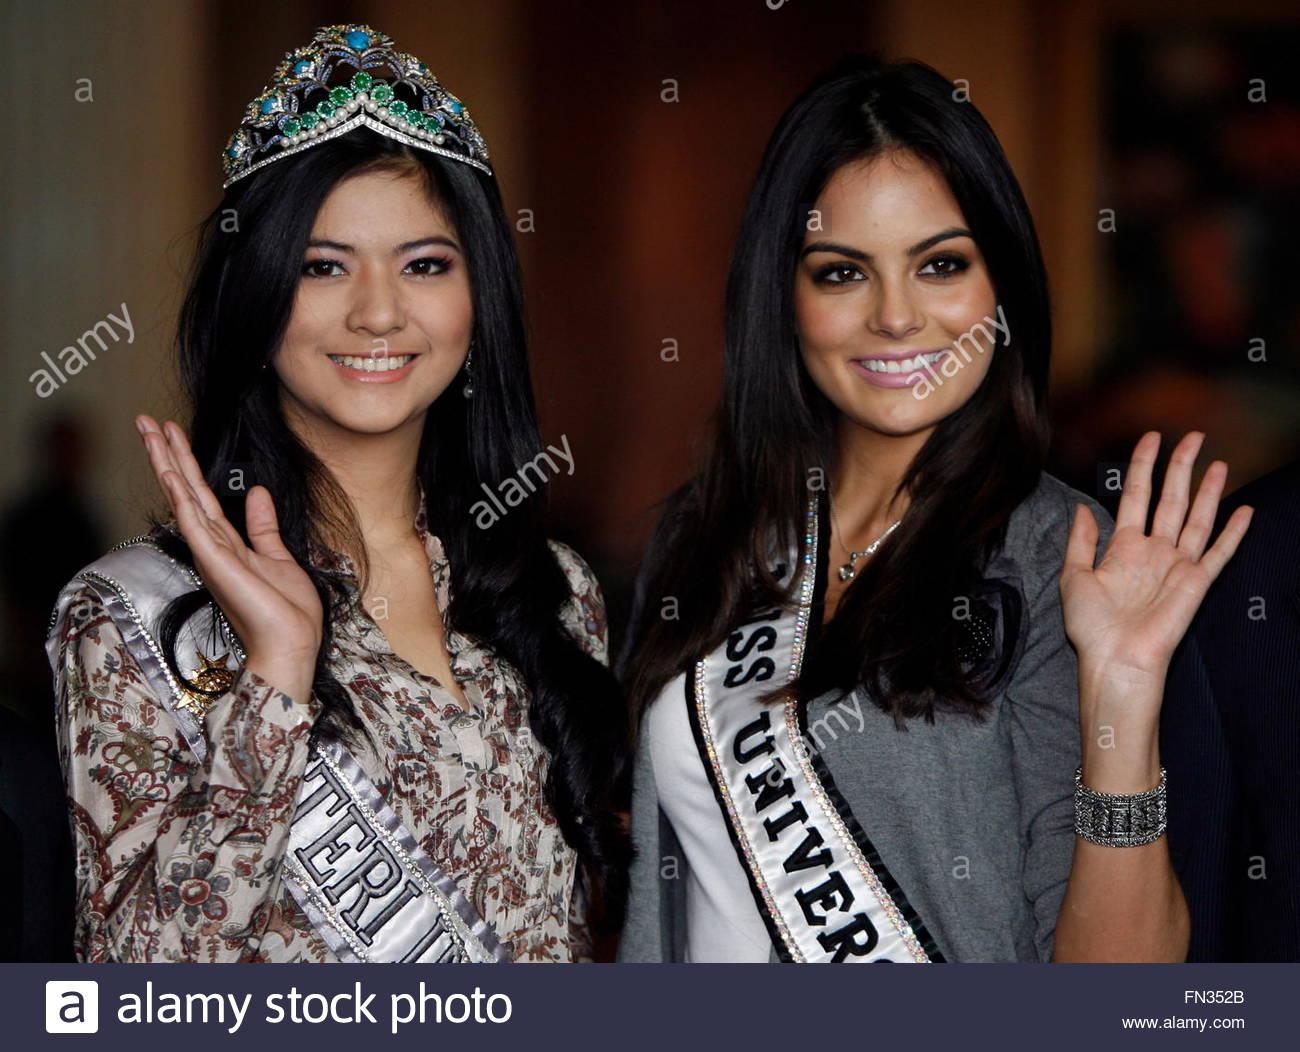 ximena navarrette, miss universe 2010. - Página 47 Miss-universe-2010-ximena-navarrete-of-mexico-r-accompanied-by-miss-fn352b_wkw2